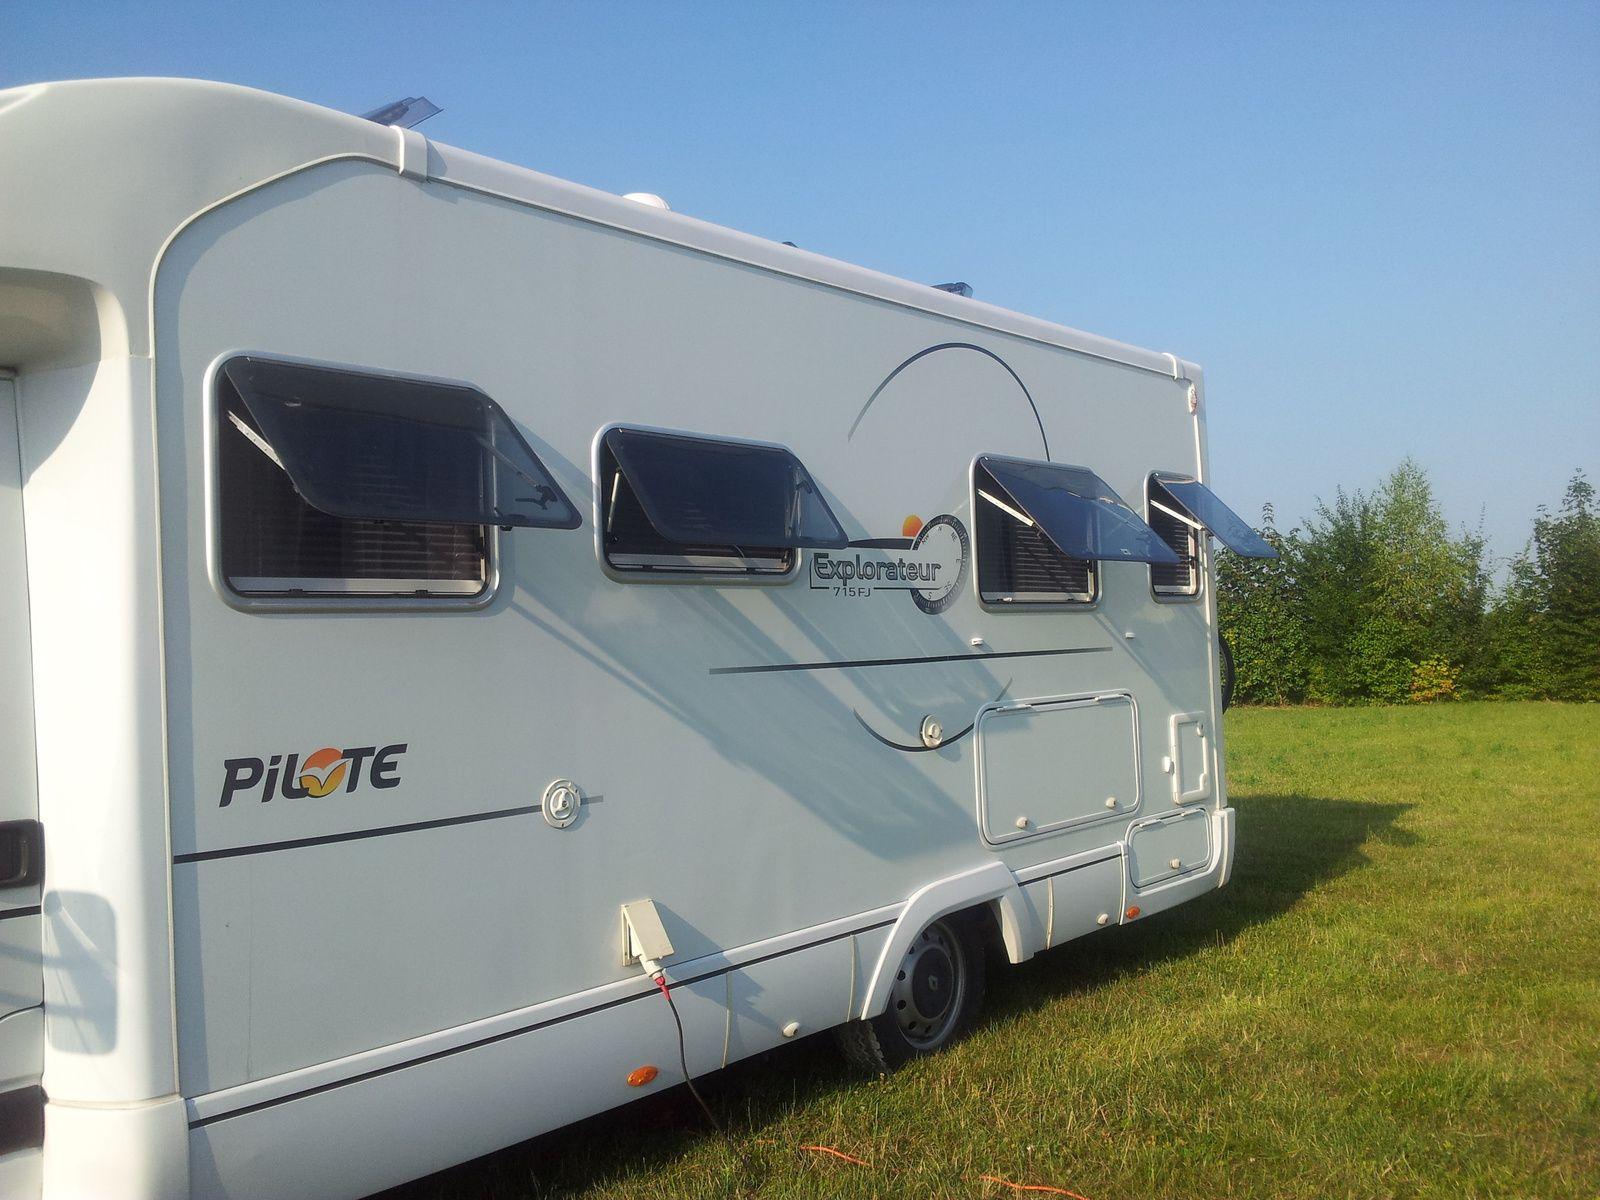 vol d,un camping car pilote explorateur fj 715 lit jumeau